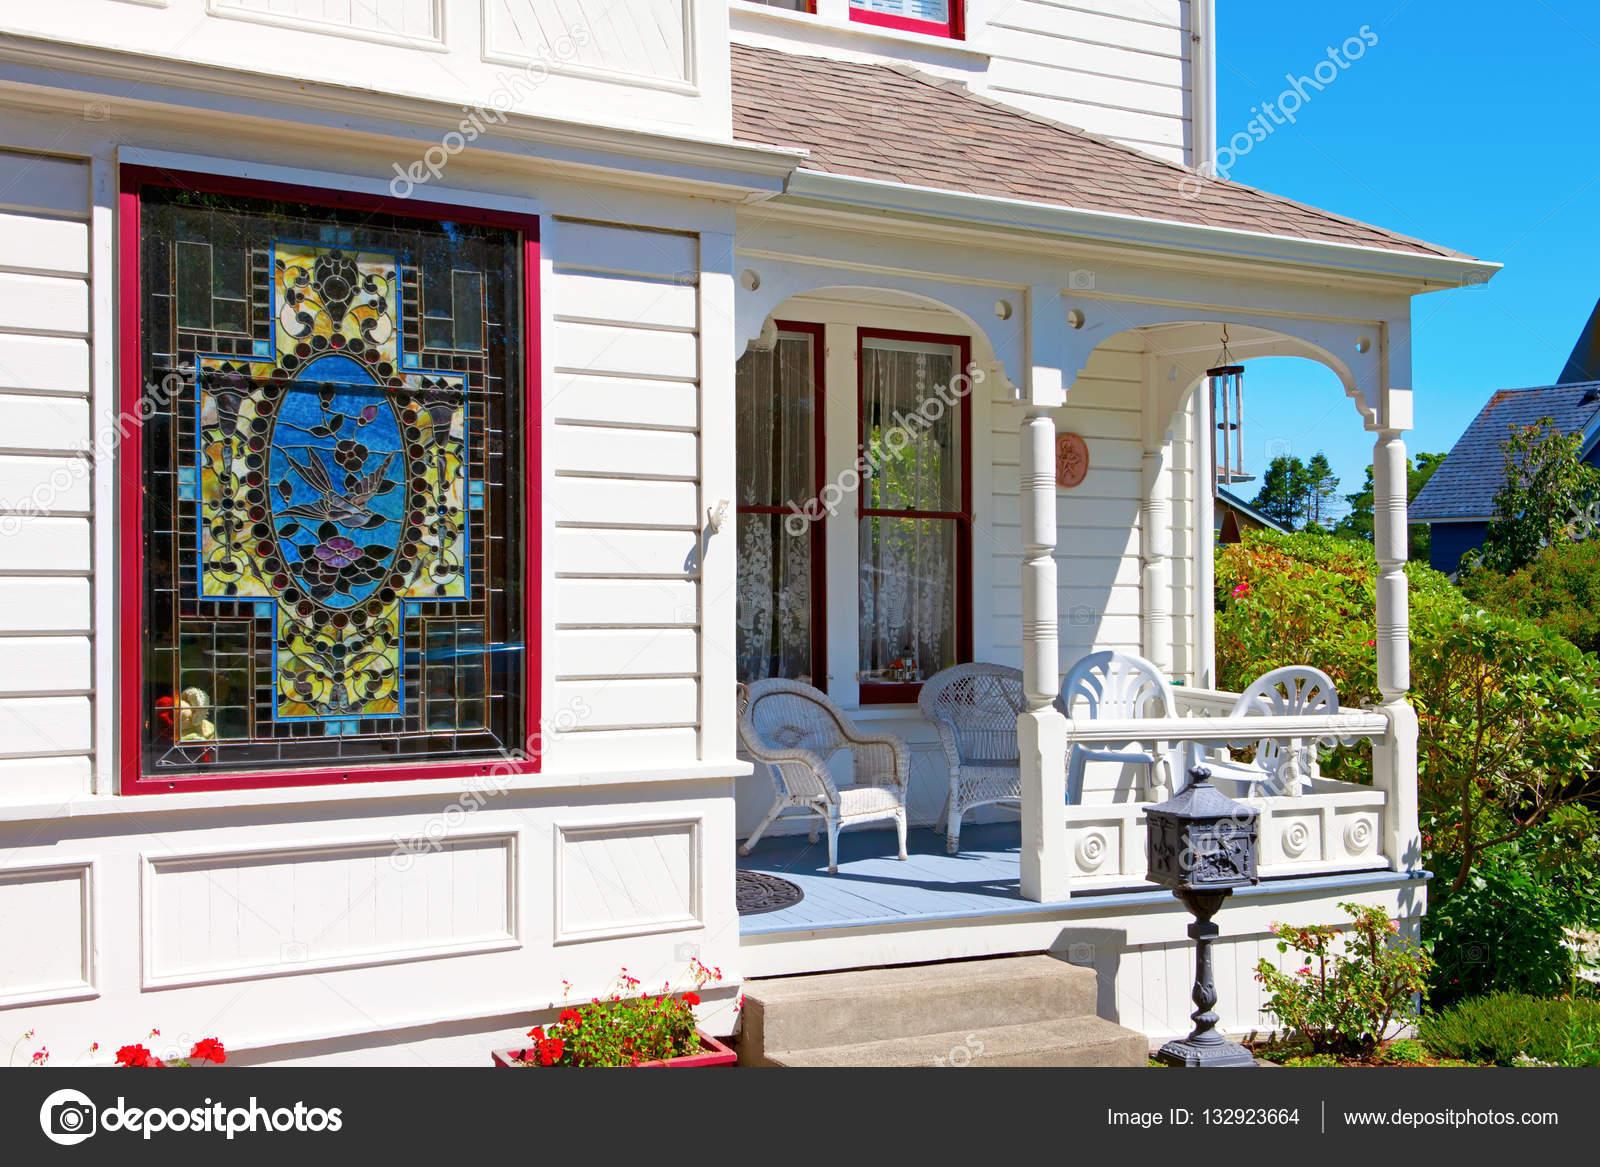 Le Porche De La Maison porche de la maison historique d'américain blanc avec fenêtre en